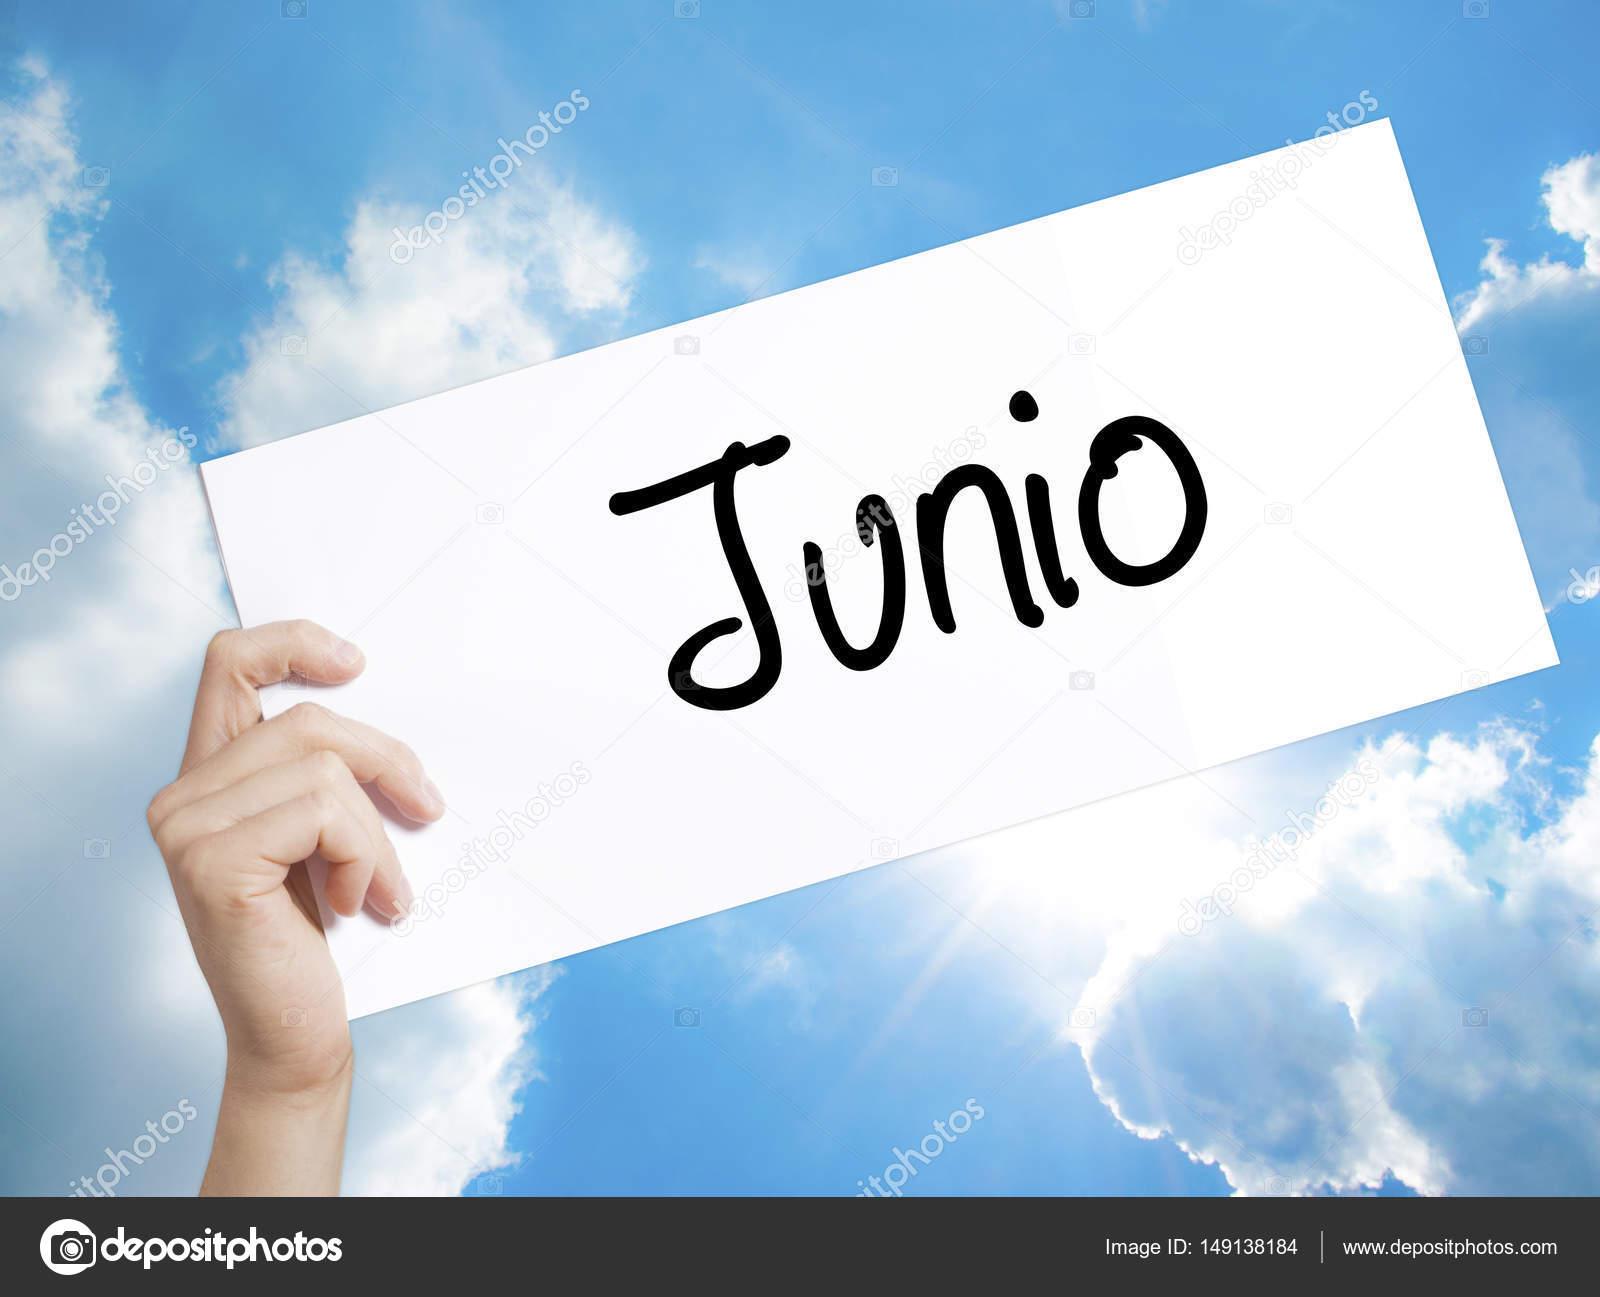 テキスト junio スペイン語の 6 月 の紙 男の手持ち株 sig ストック